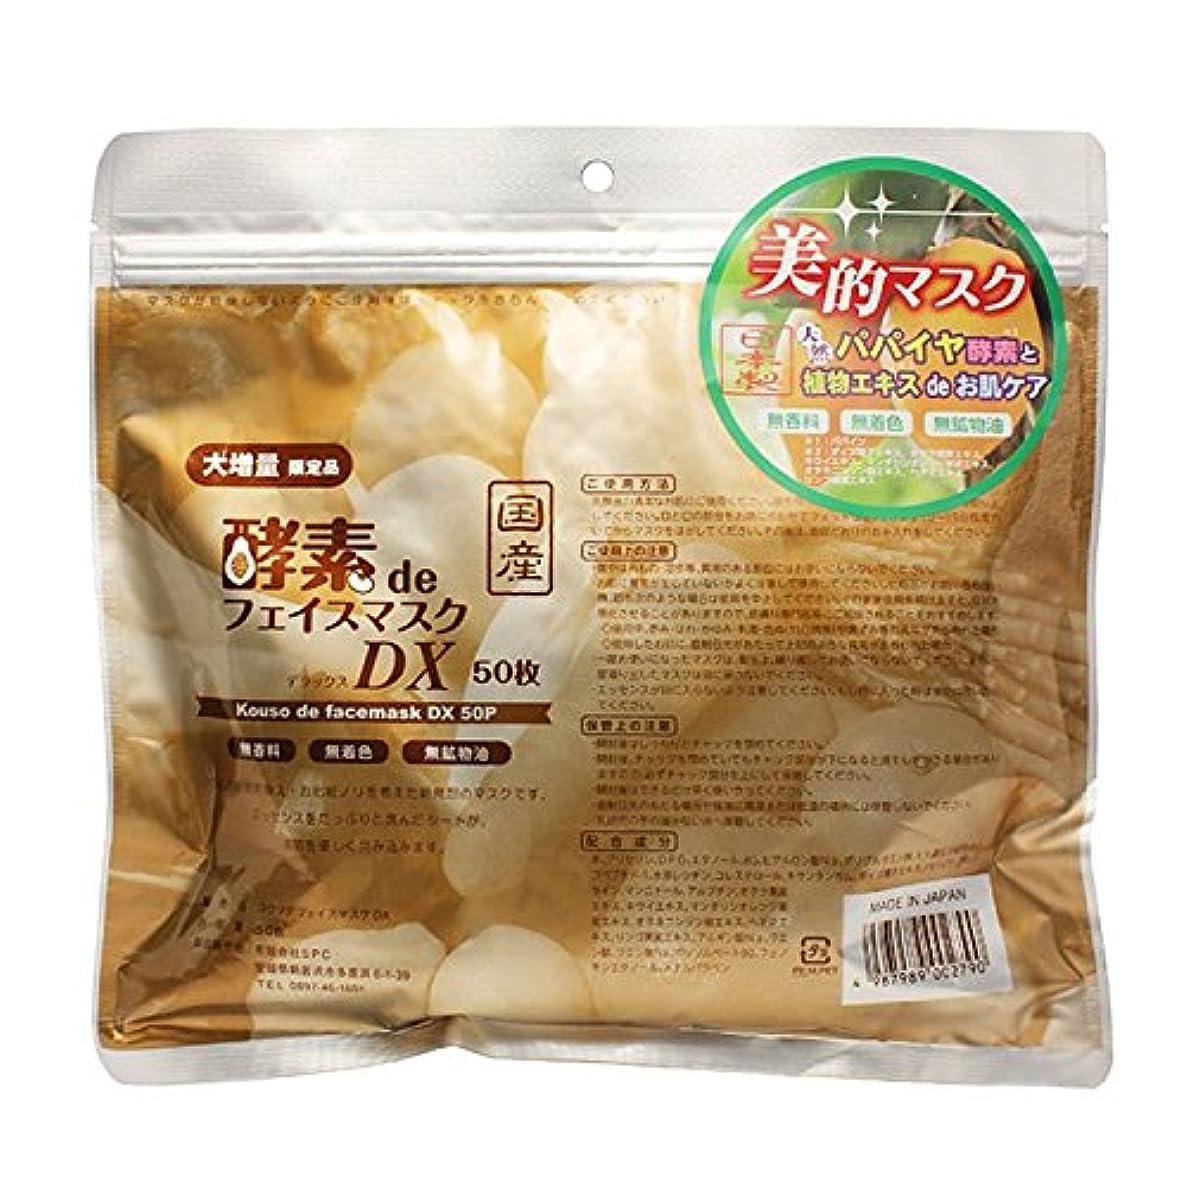 農奴優しいと組む酵素 de フェイスマスク DX [50枚入]日本製 エステサロン仕様